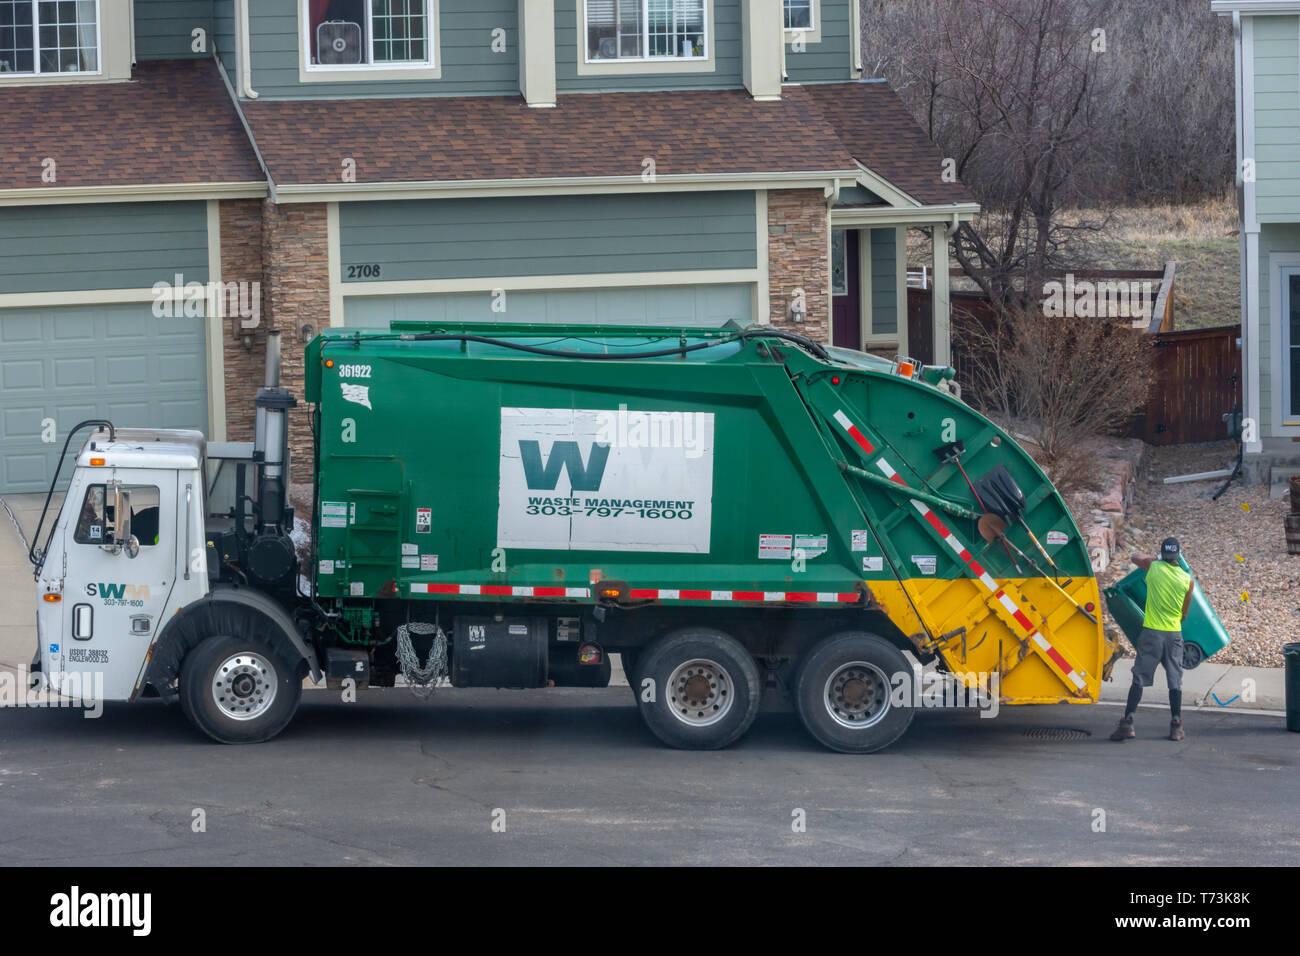 Una gestione dei rifiuti lavoratore verde si Svuota cestino in plastica contenitori in una zona residenziale, Castle Rock Colorado US. Foto scattata in aprile. Immagini Stock